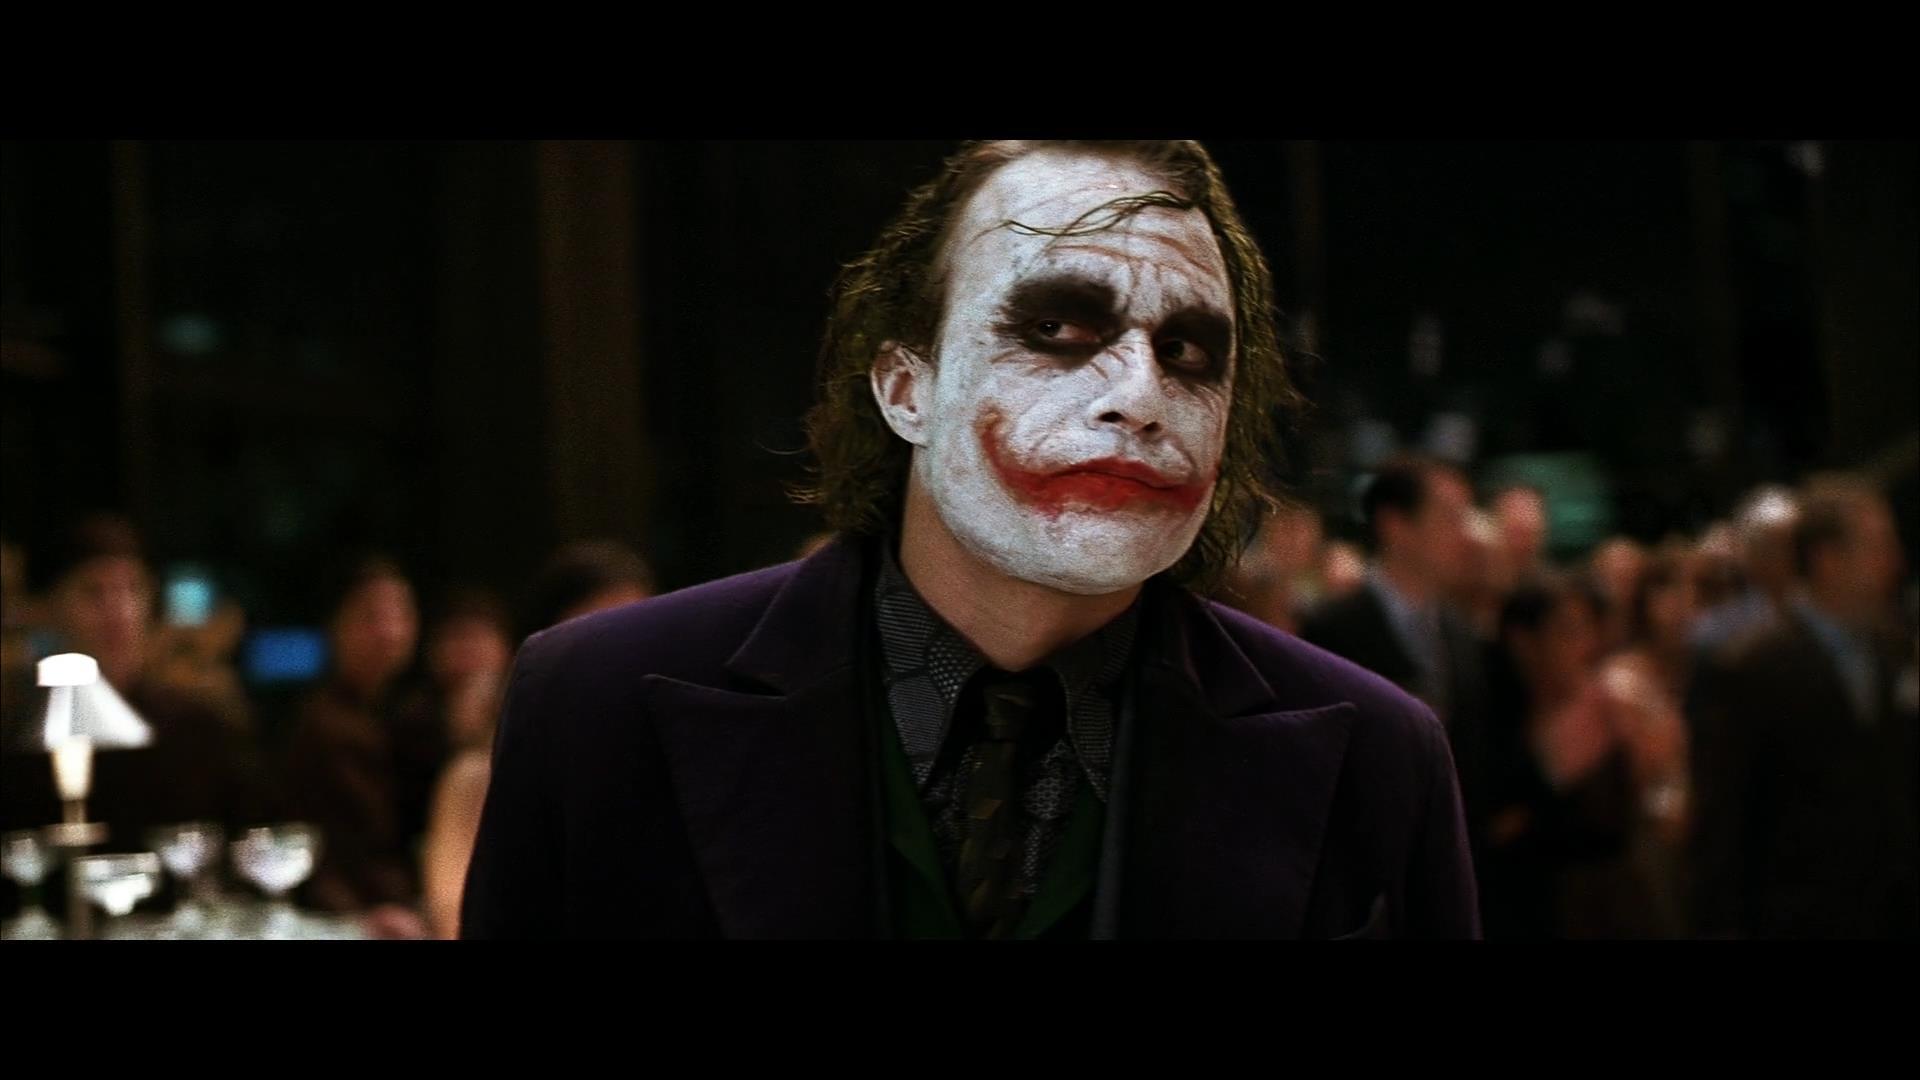 Трилогия Темный рыцарь / The Dark Knight Trilogy (2005-2012) BDRip 1080p 60fps